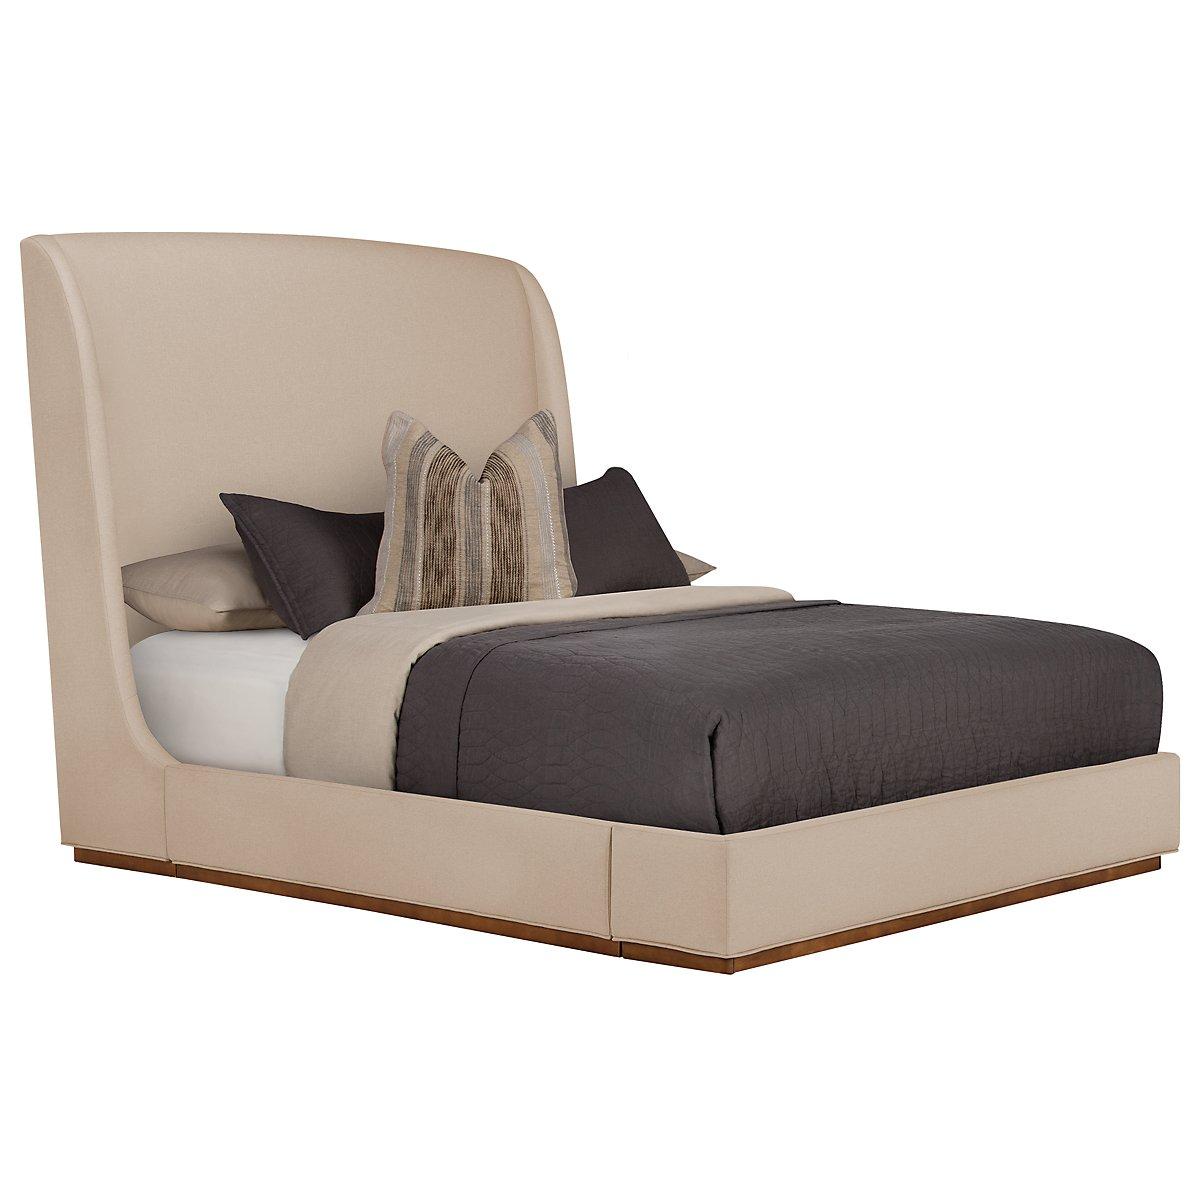 Triss Dark Taupe Upholstered Platform Bed